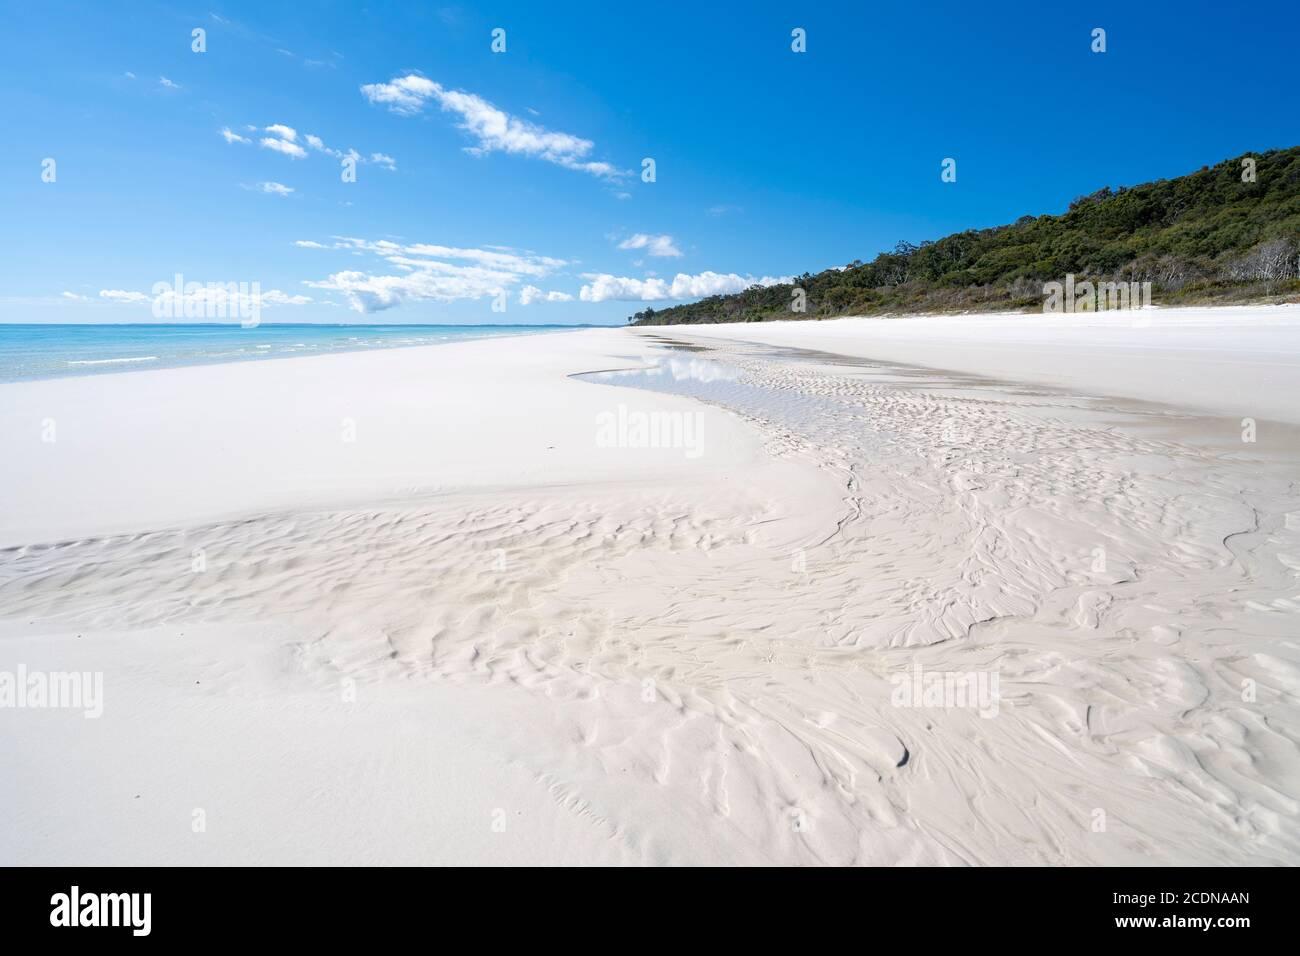 Plage de sable blanc et eau claire sous ciel bleu, près de Awinya Creek, rive ouest de Fraser Island, Hervey Bay Queensland Australie Banque D'Images